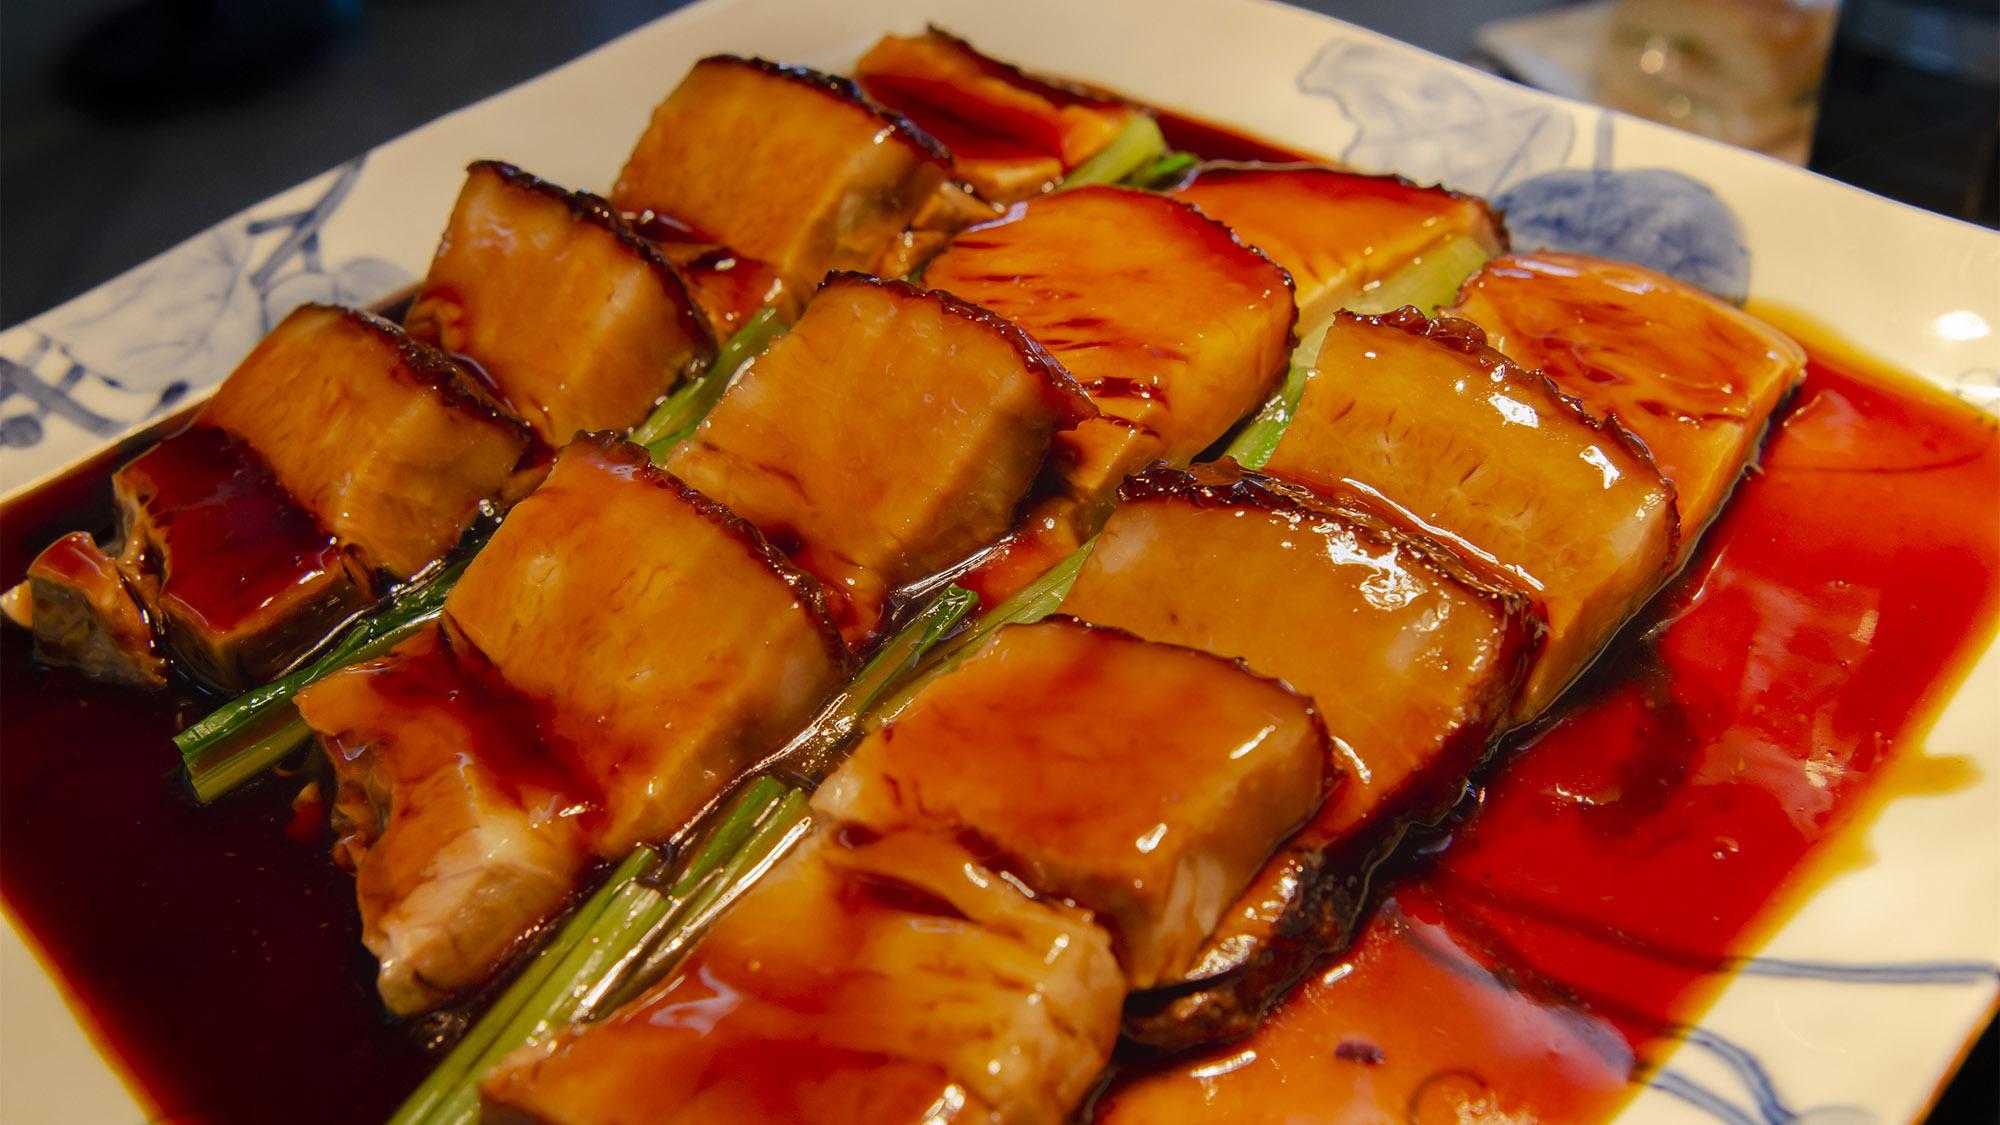 【夕食】豚の角煮 甘辛いタレが食欲をそそります